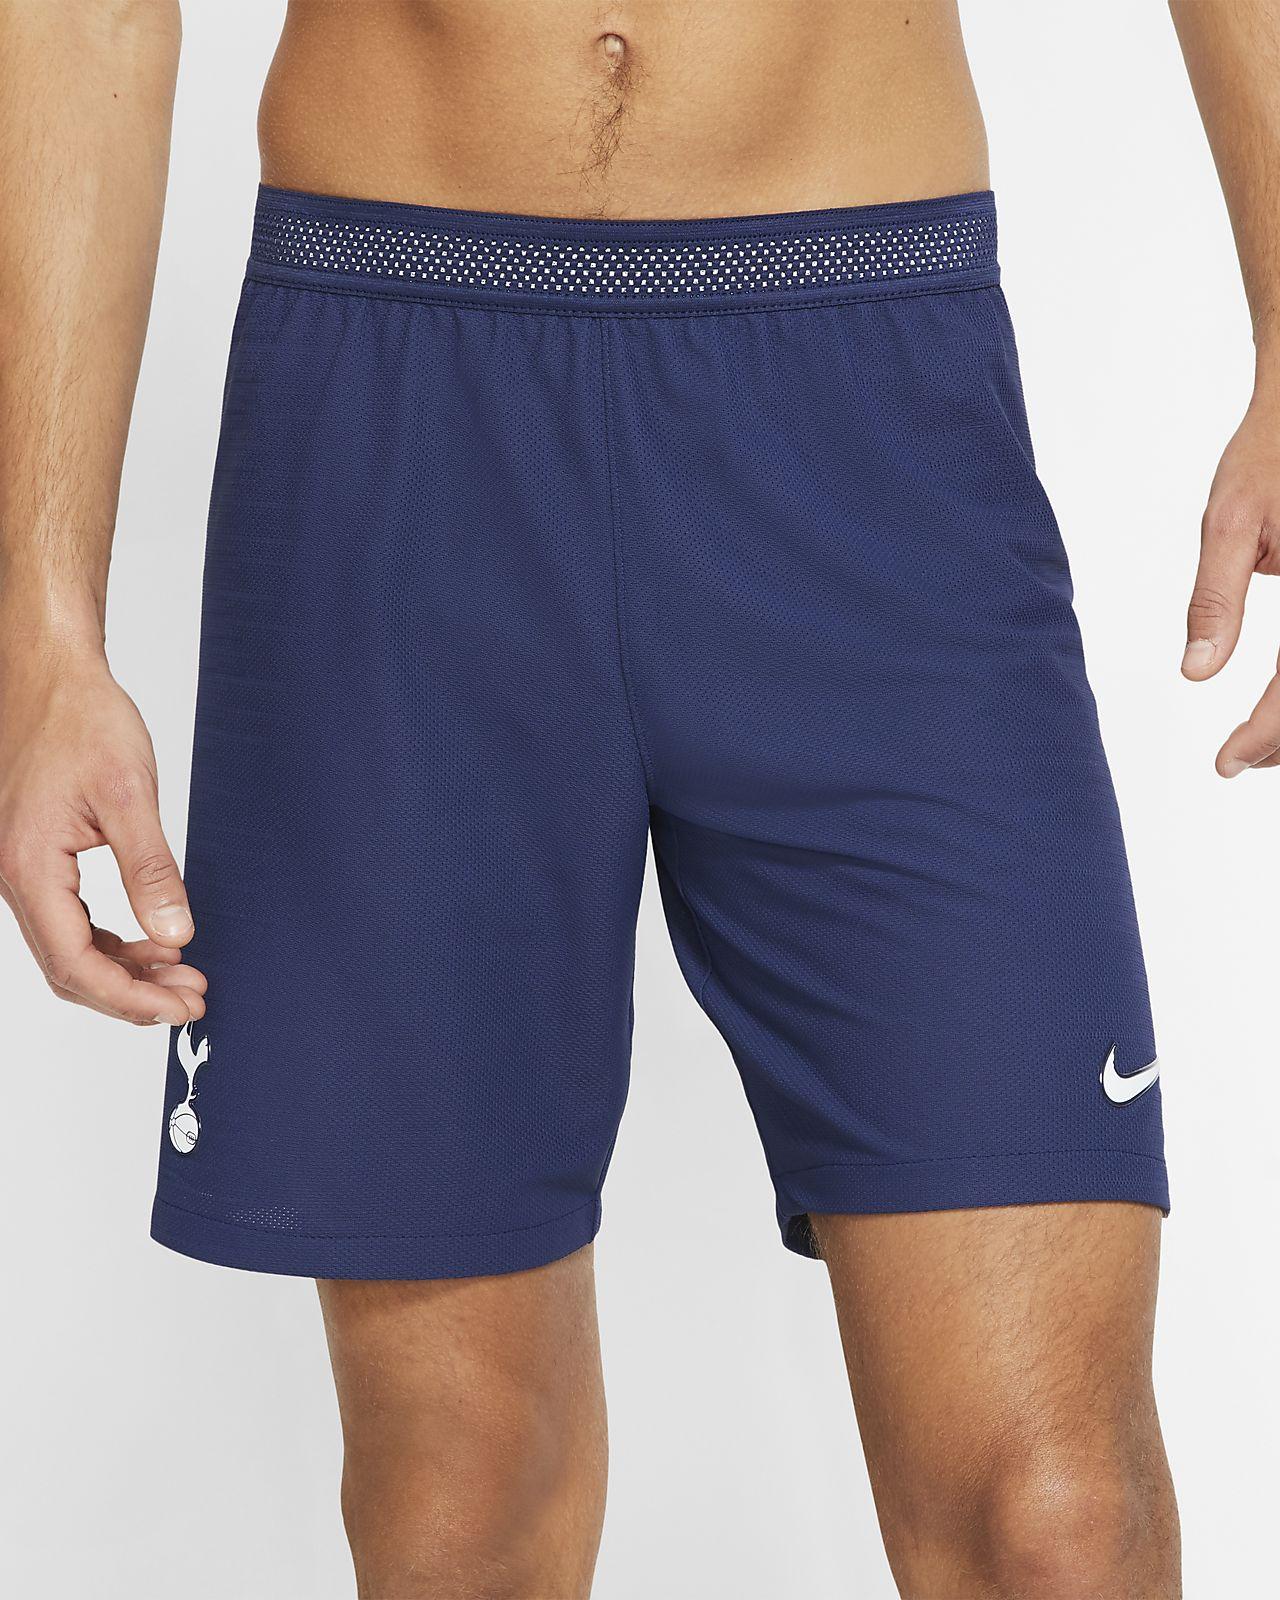 Tottenham Hotspur 2019/20 Vapor Match Home/Away Men's Football Shorts